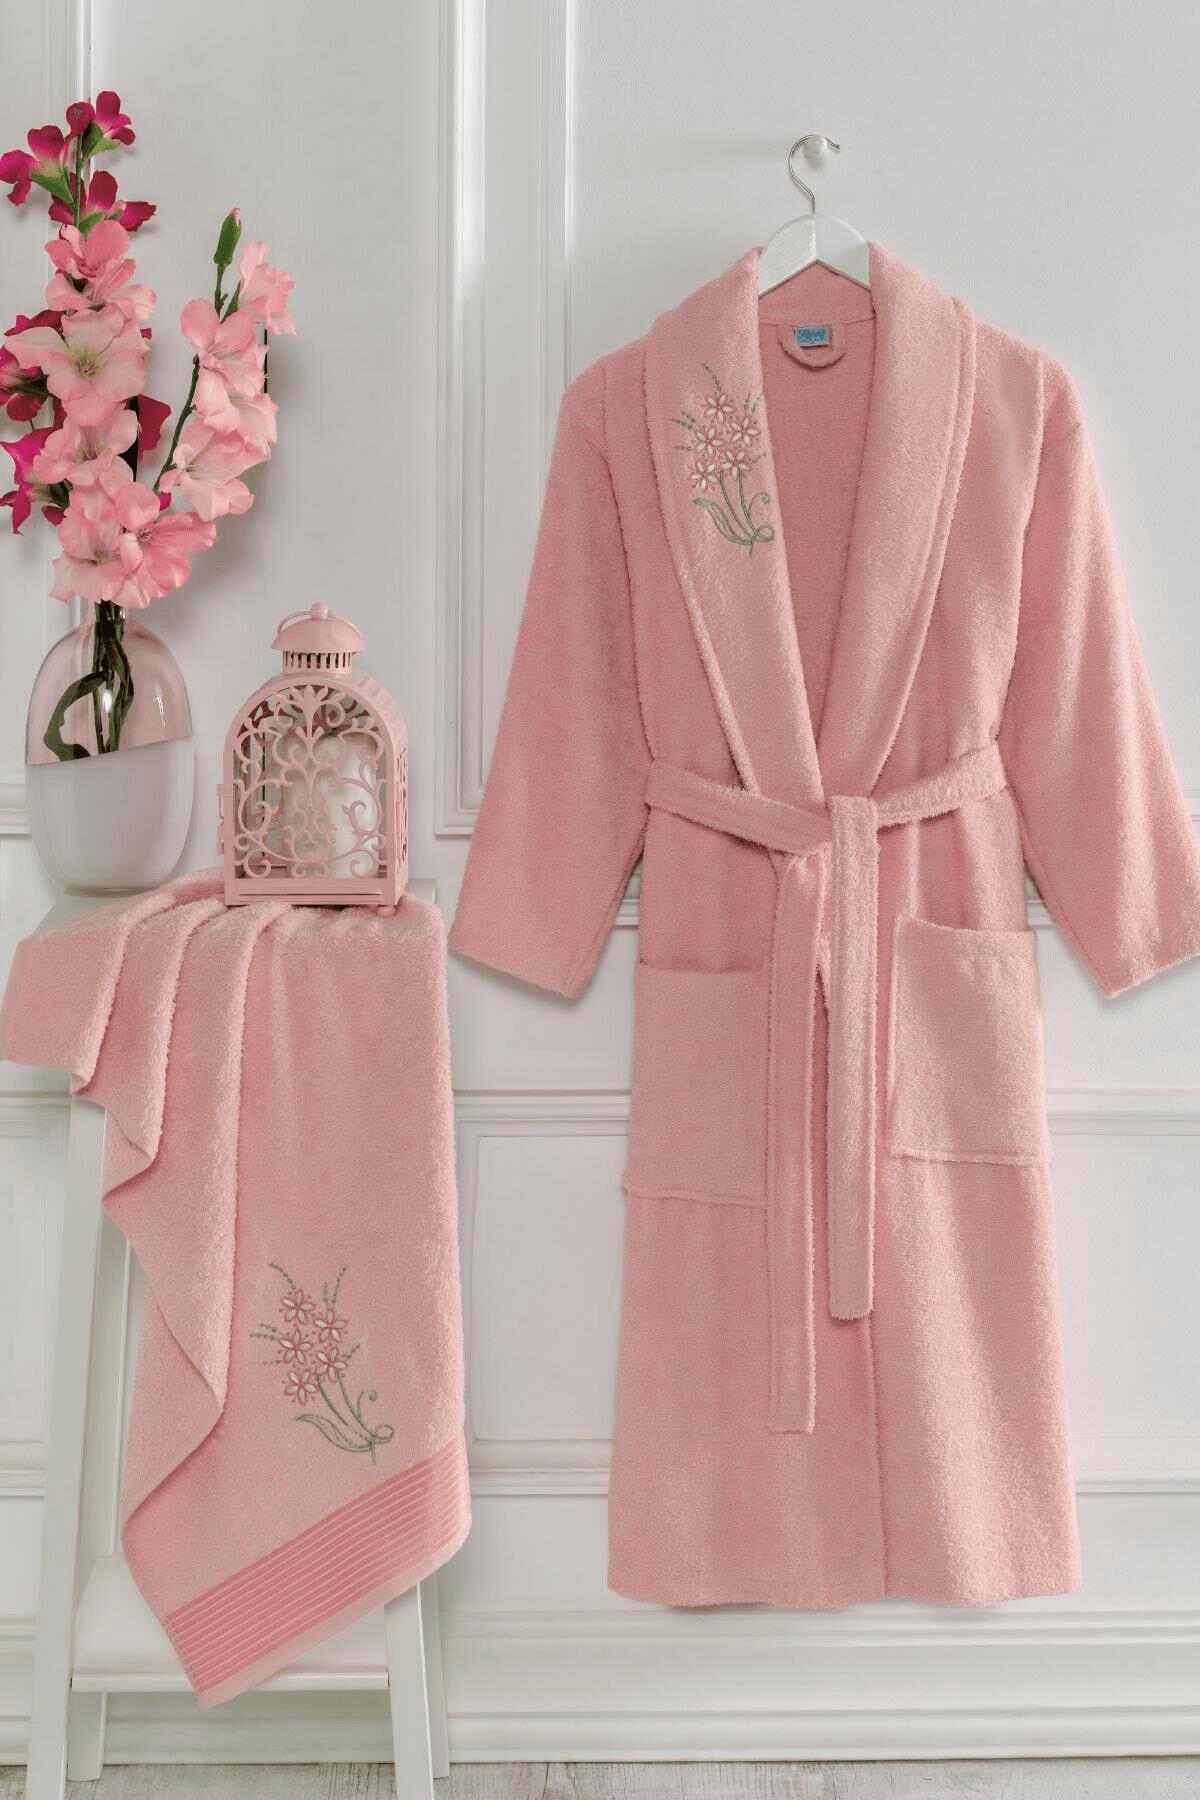 Elmira Textile Şalyaka Unisex Pamuklu Havlulu Banyo Bornoz Takımı 0